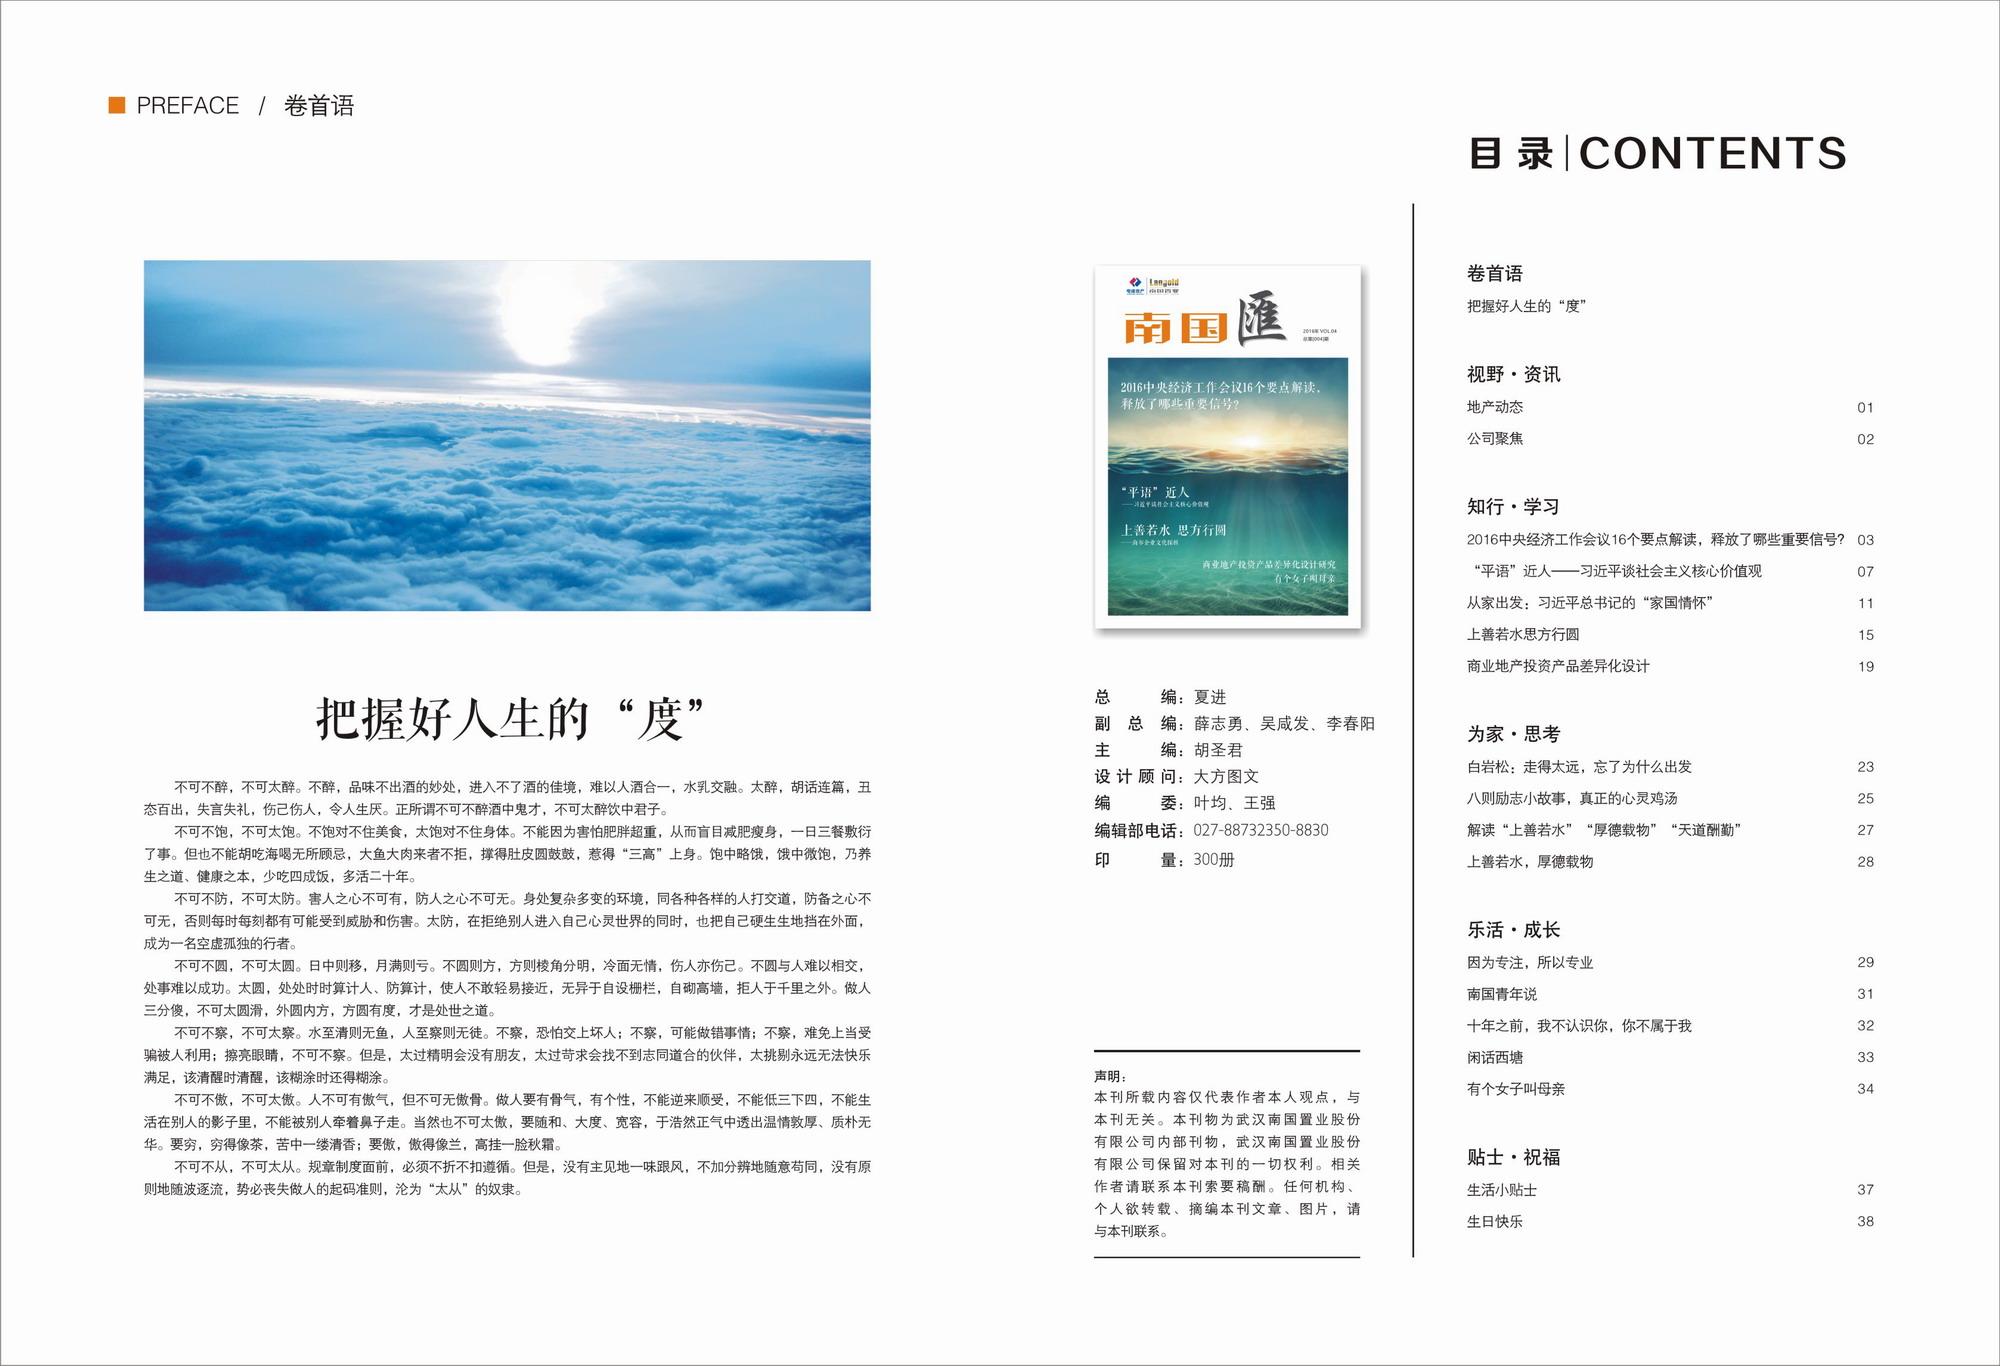 南国汇-第四期 定稿转曲-02